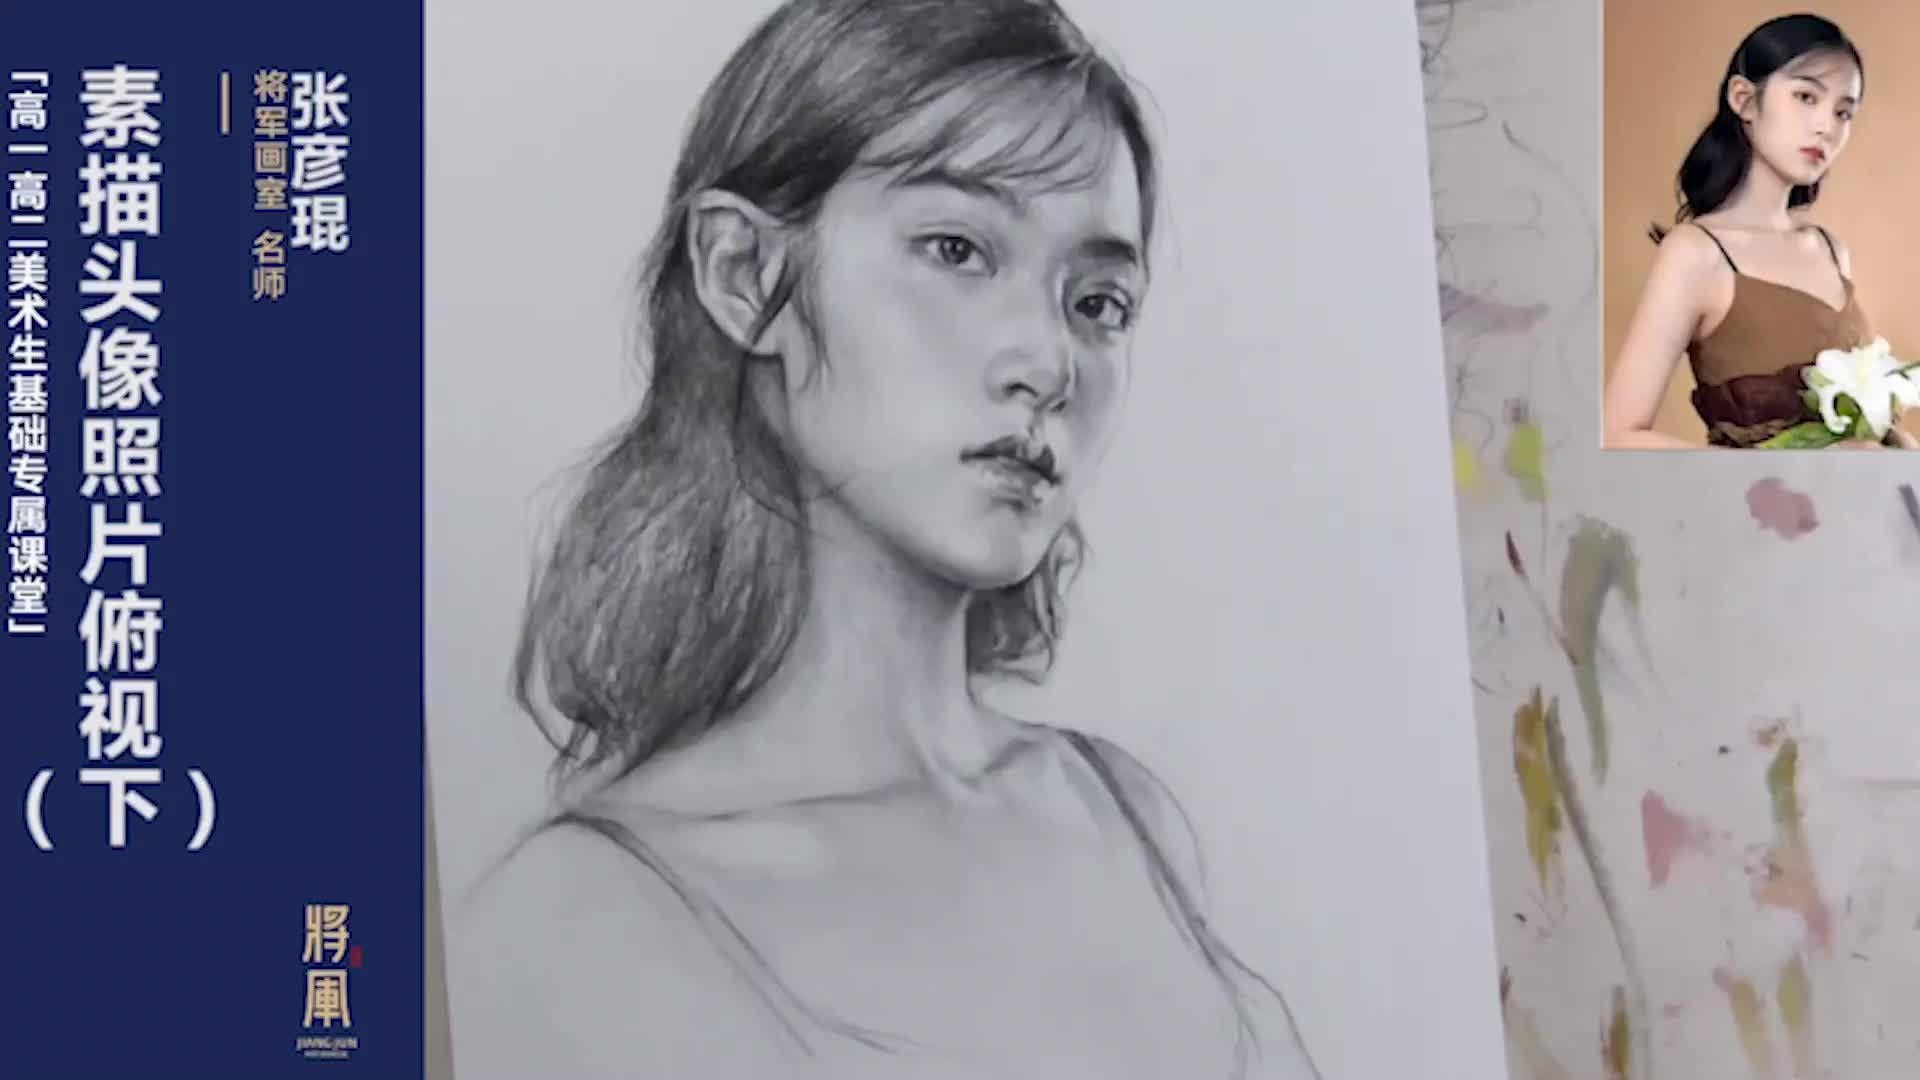 张彦琨-素描头像照片俯视